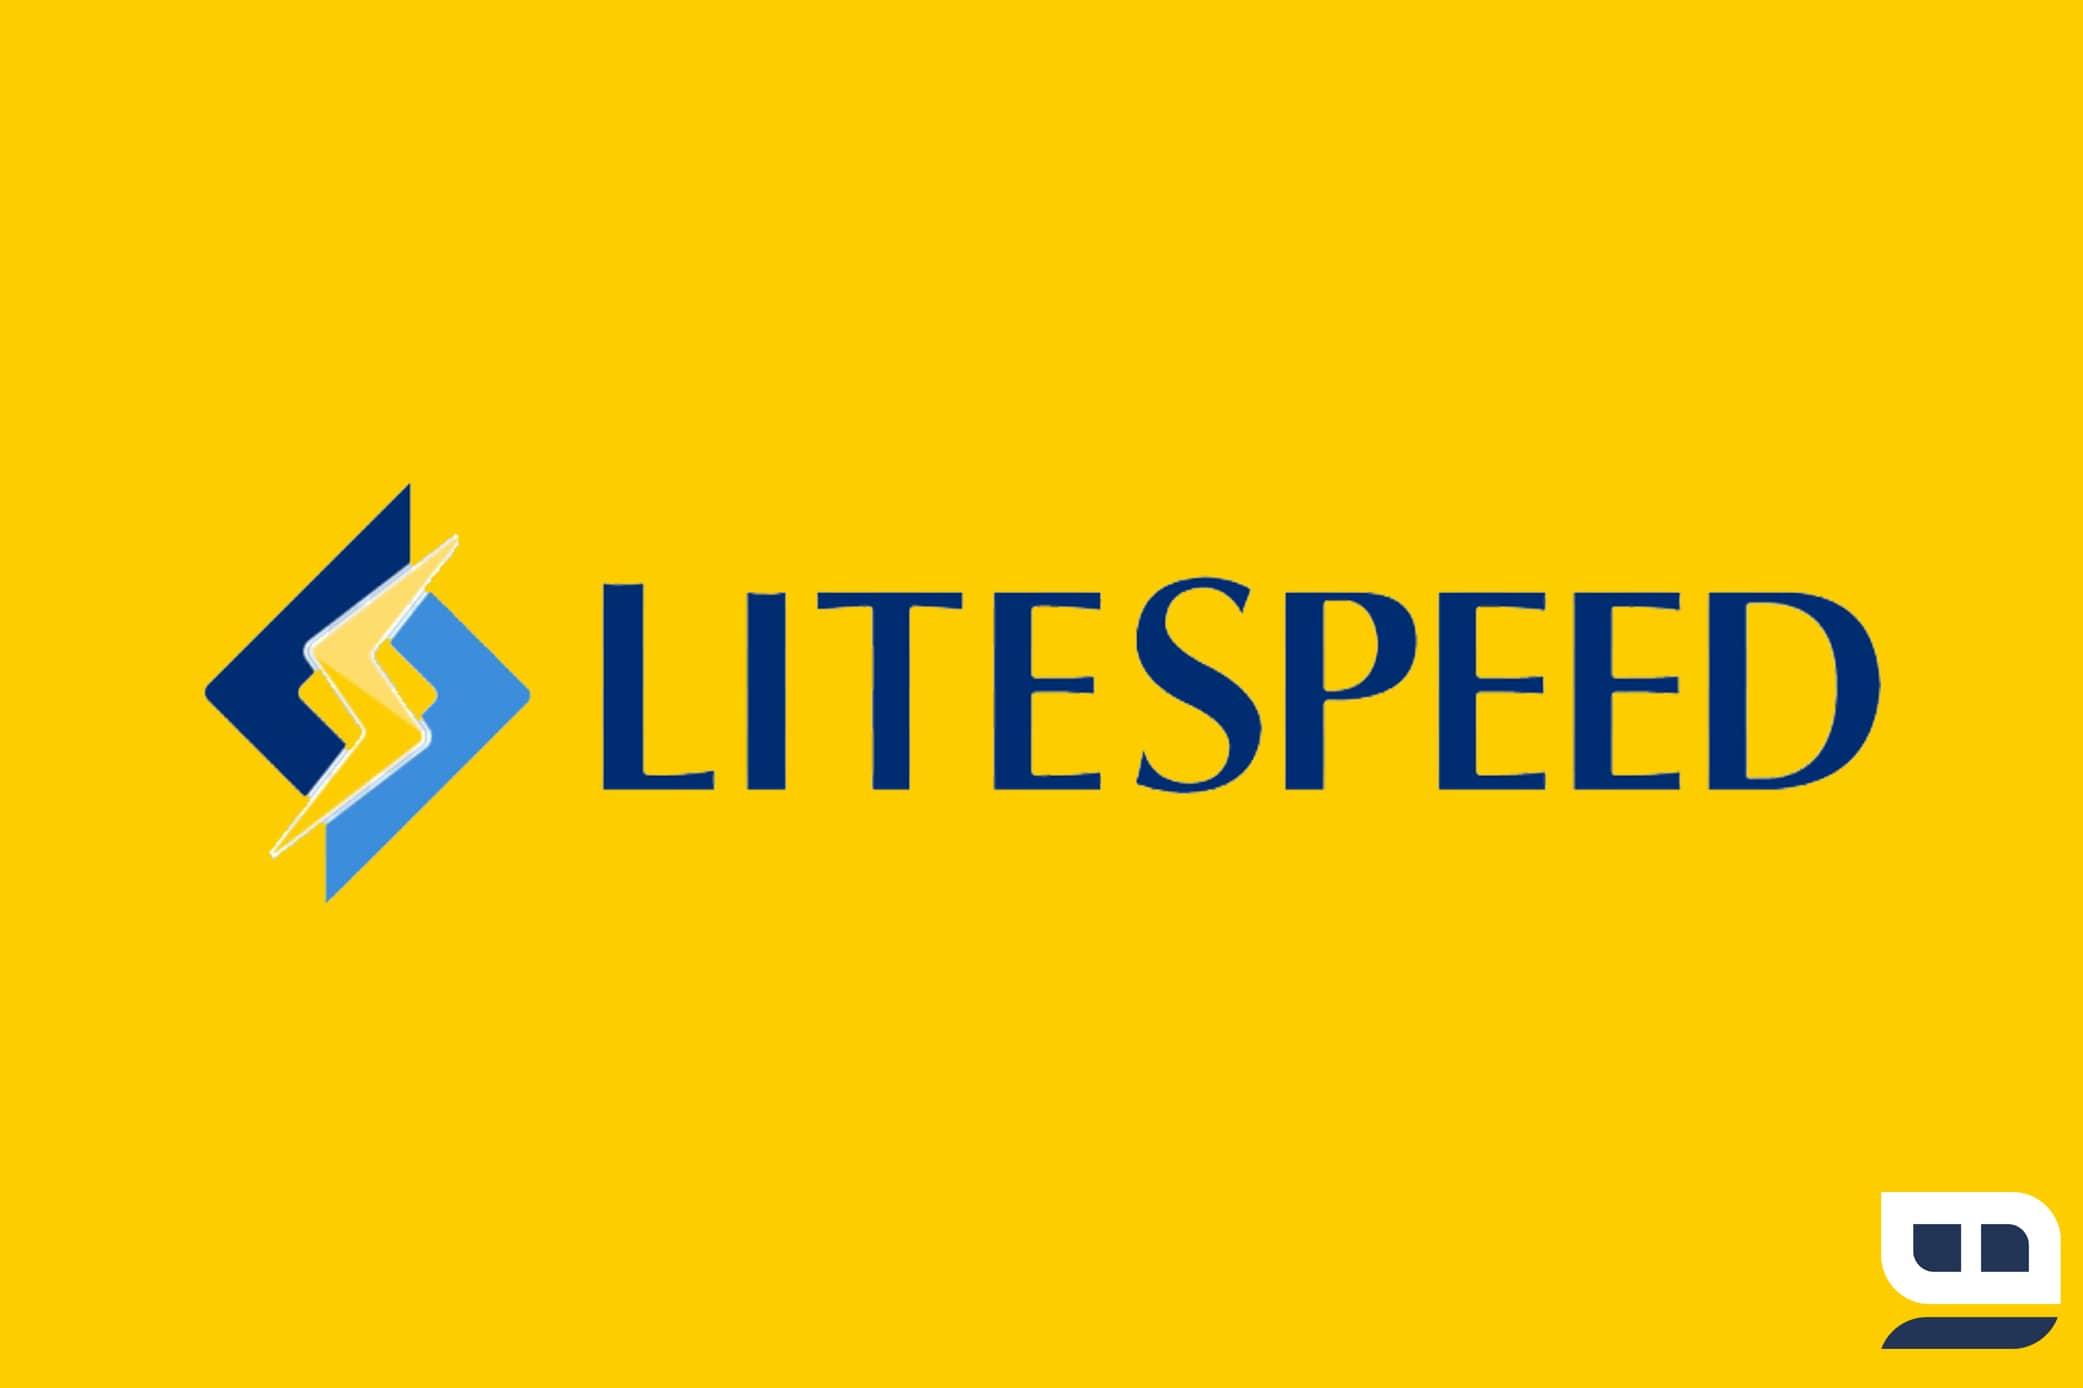 تصویر وبسرور LiteSpeed چیست؟